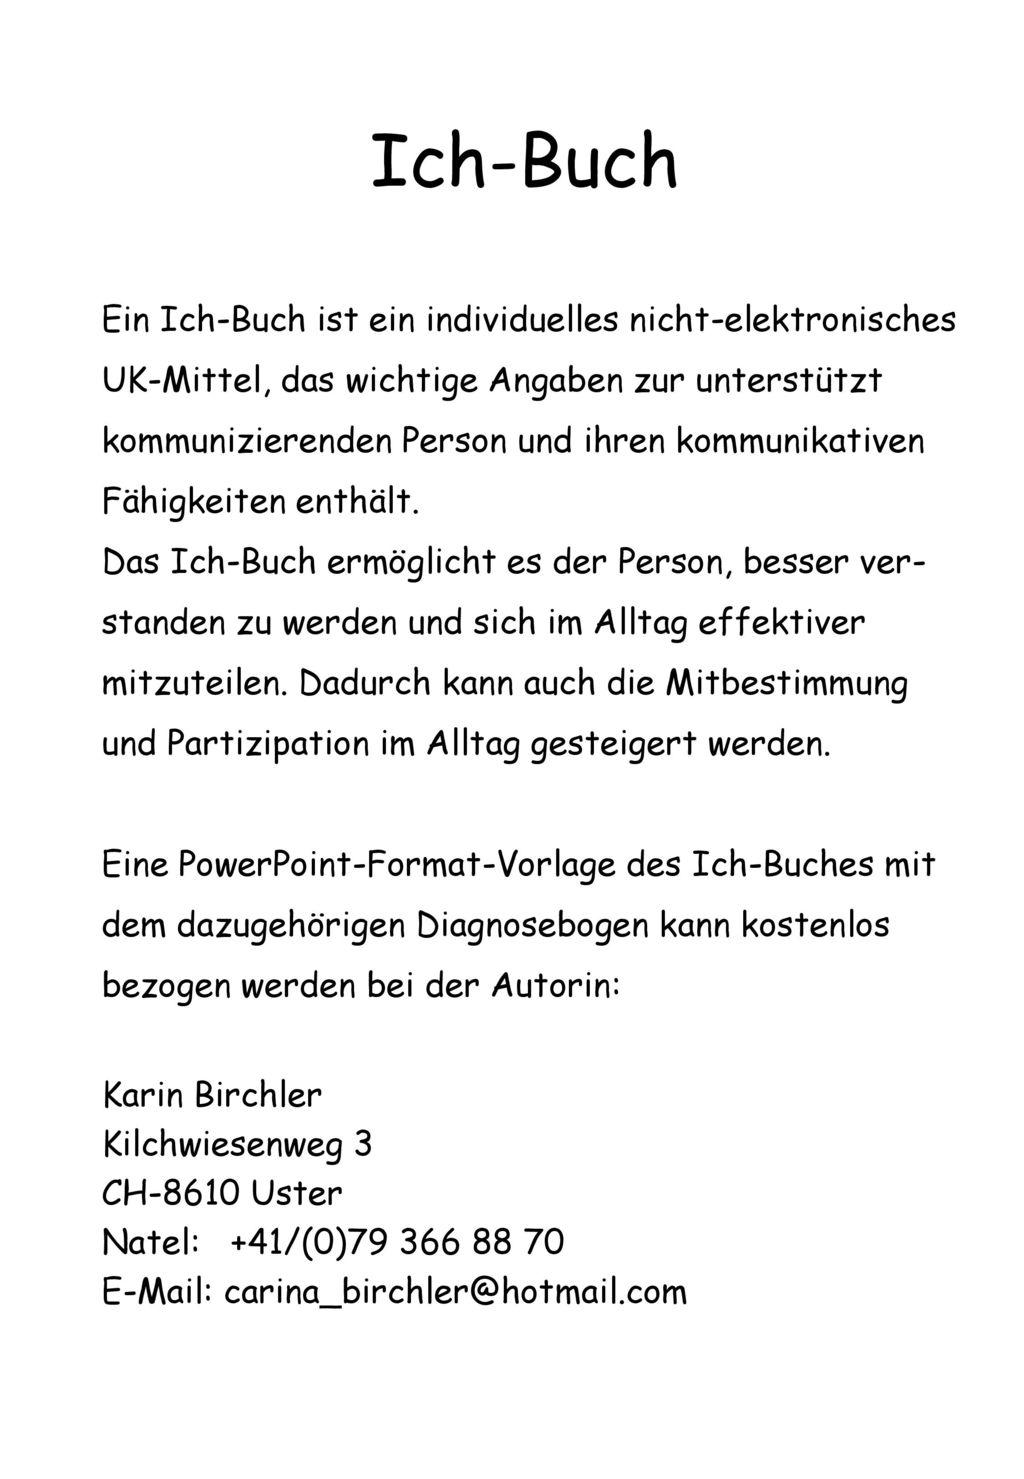 Großzügig Geschichte Buch Vorlage Zum Ausdrucken Zeitgenössisch ...